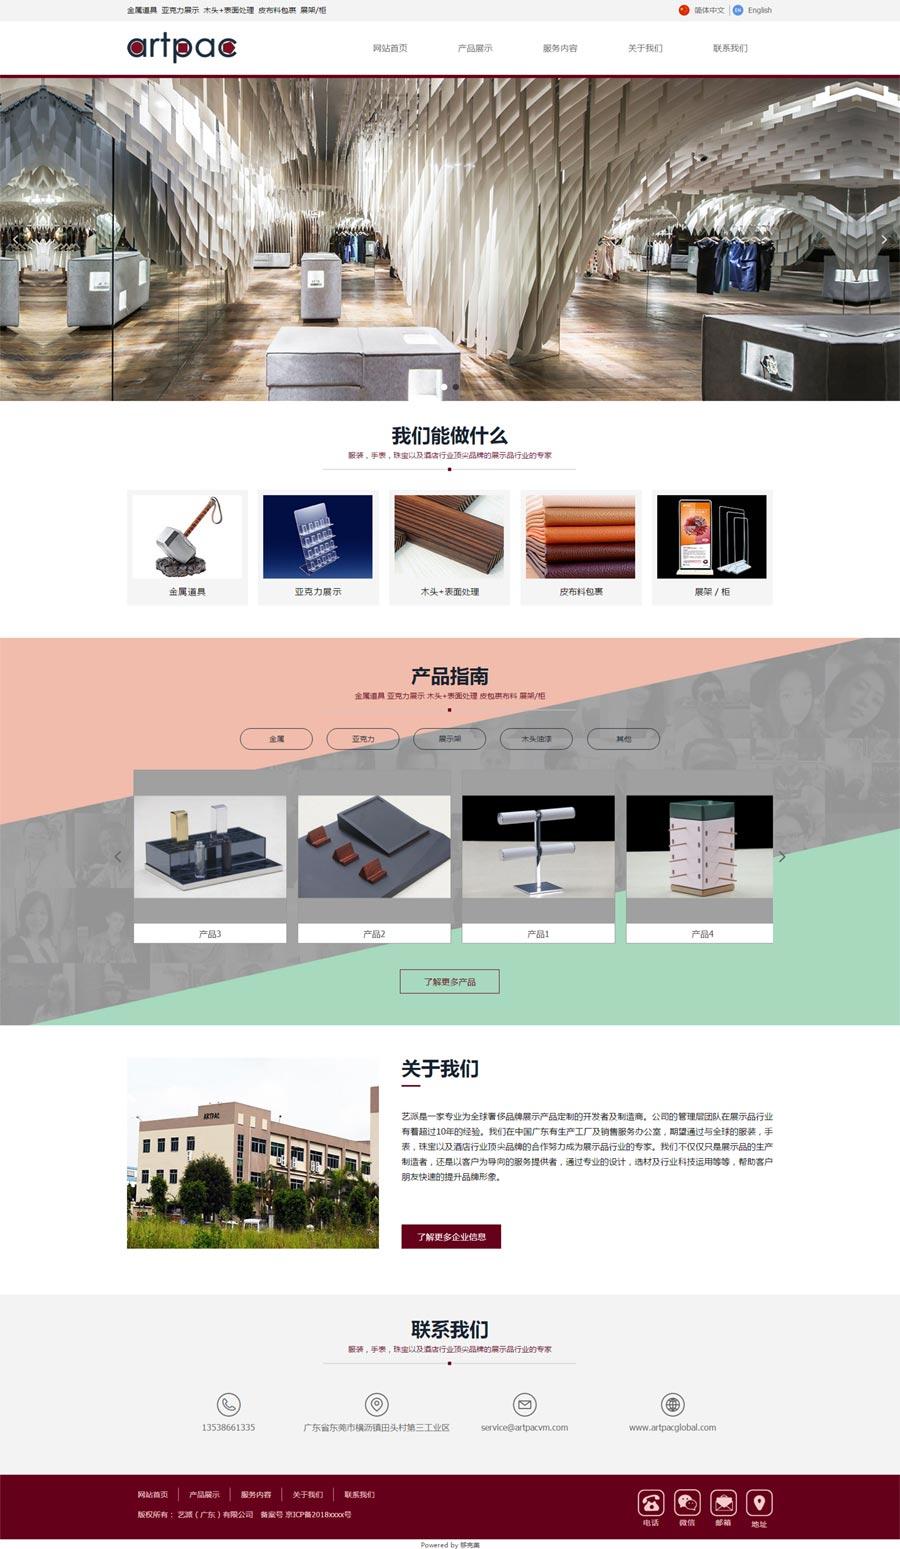 包装网站制作-企业网站模板建设-精品网站制作模板299元